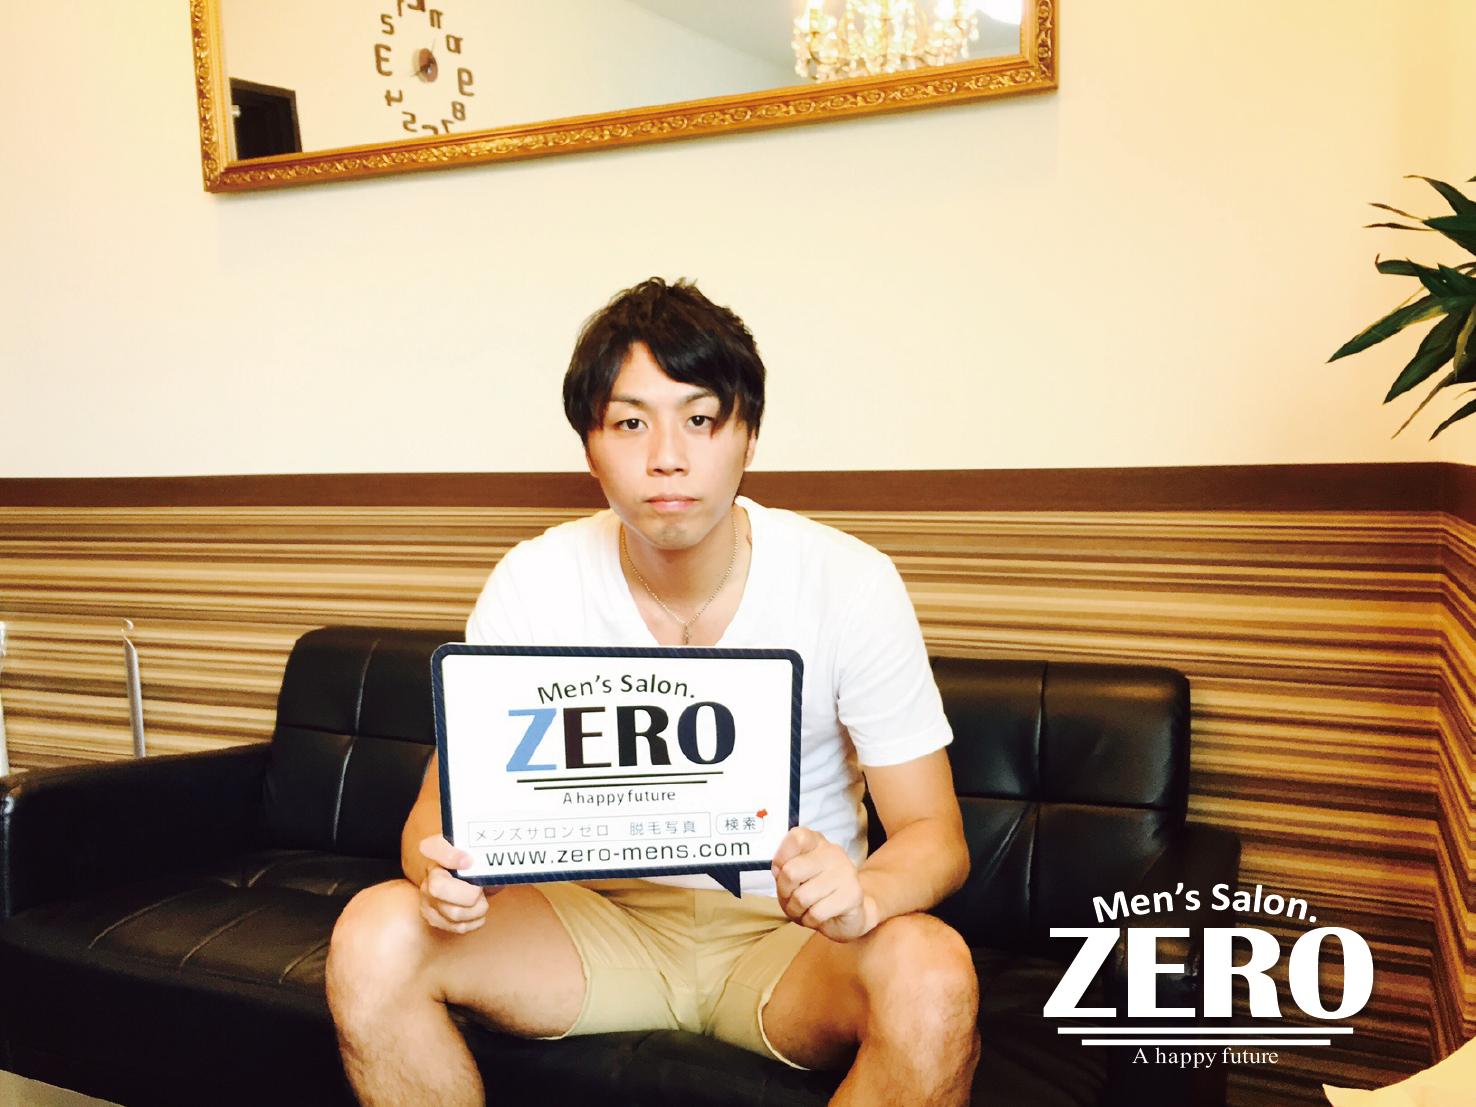 大阪府松原市在住、スポーツショップ店員、28歳の男性